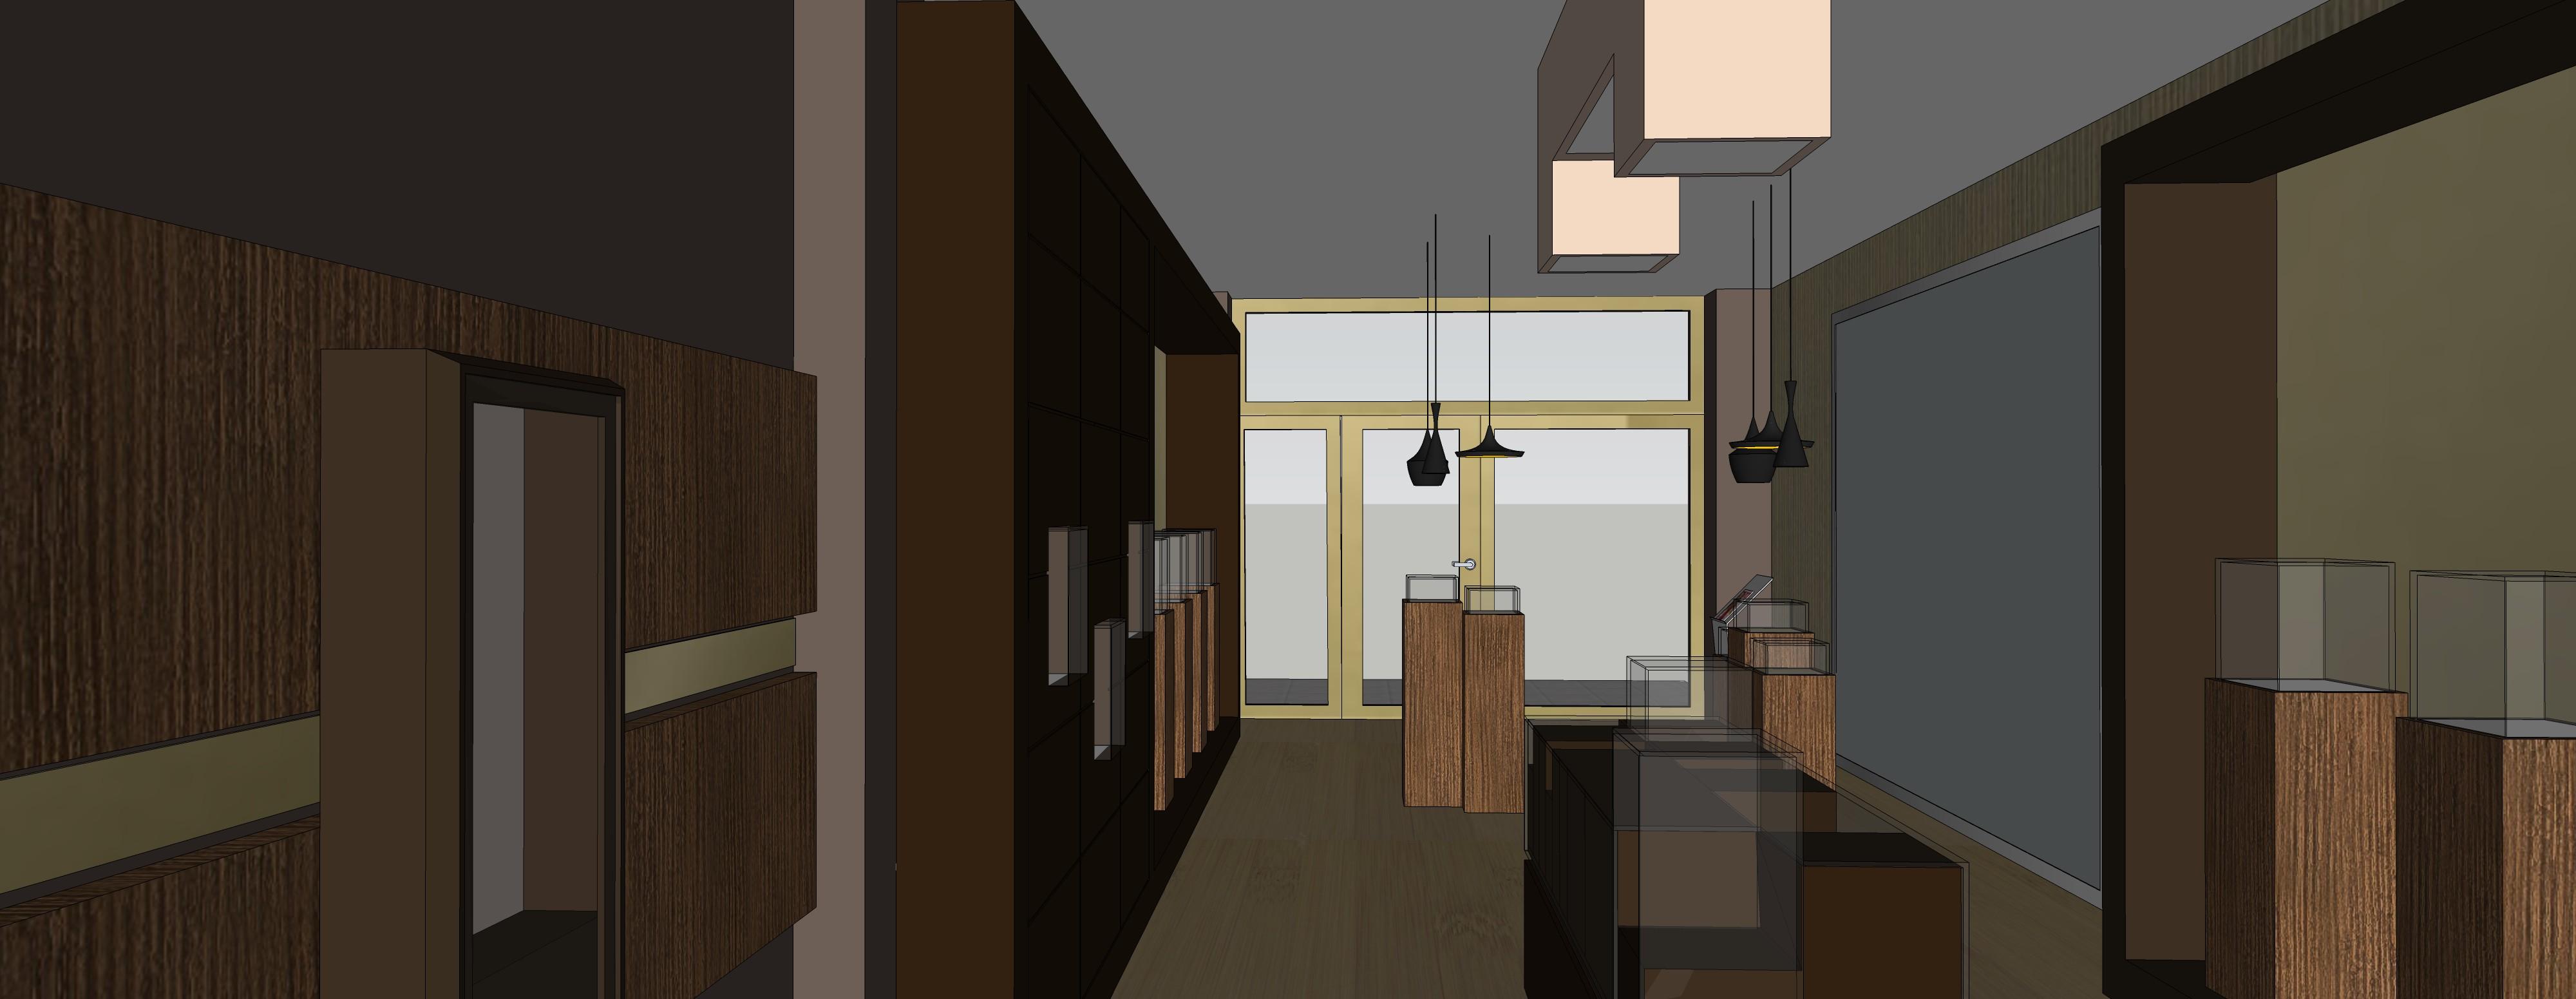 3D02.jpg